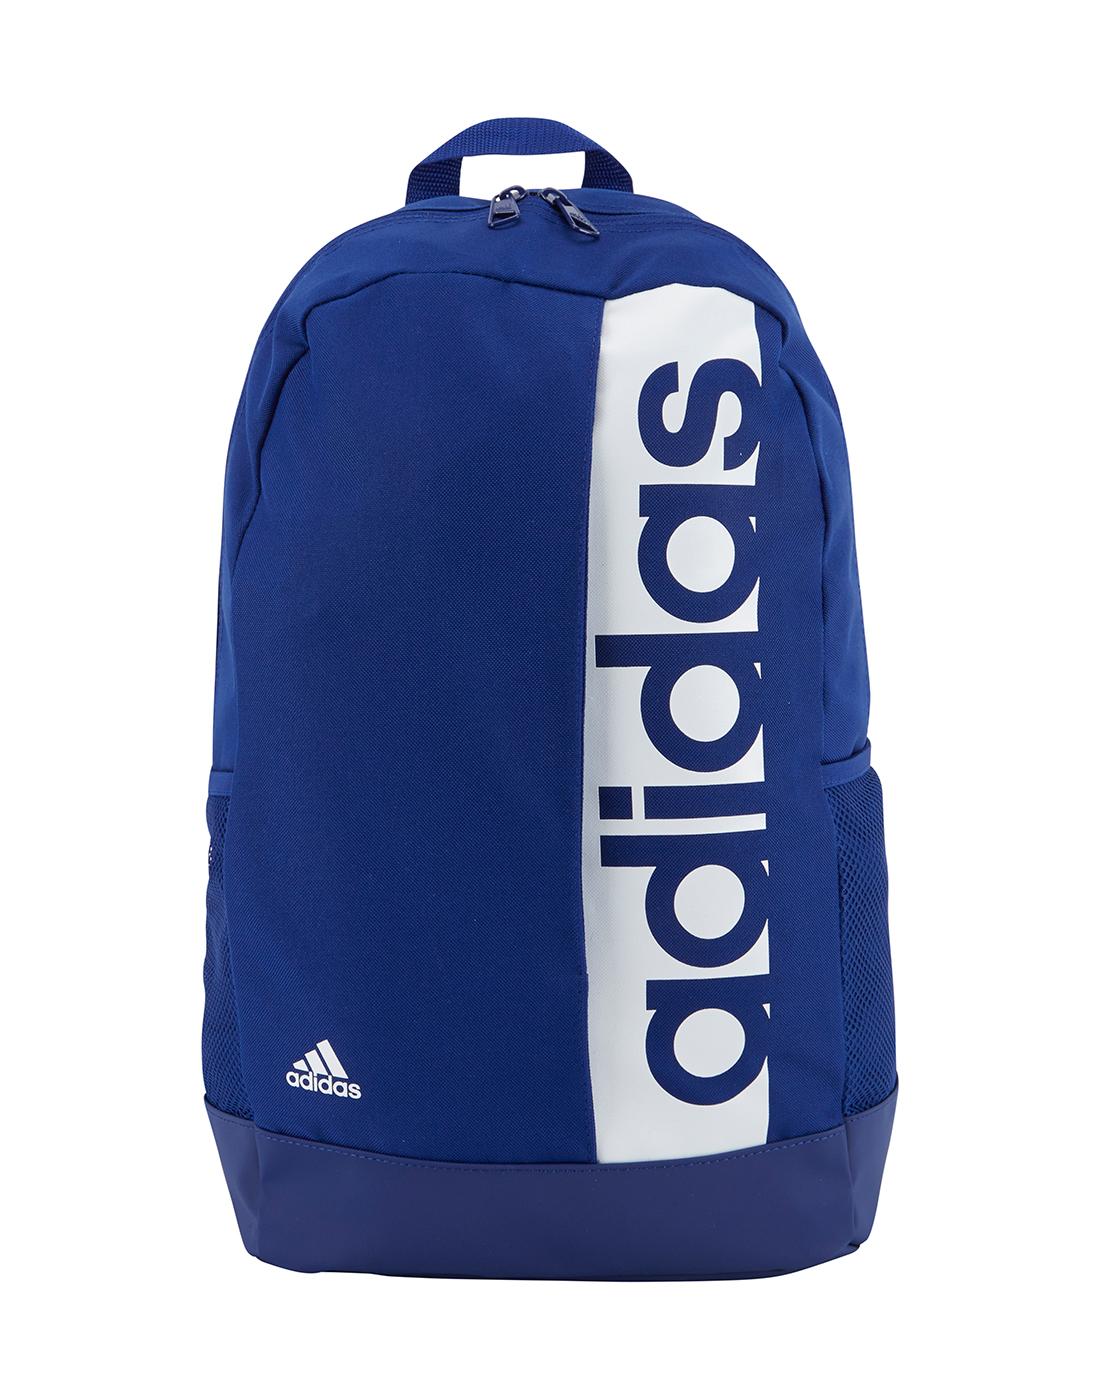 adidas Linear School Bag  bc7863744c750